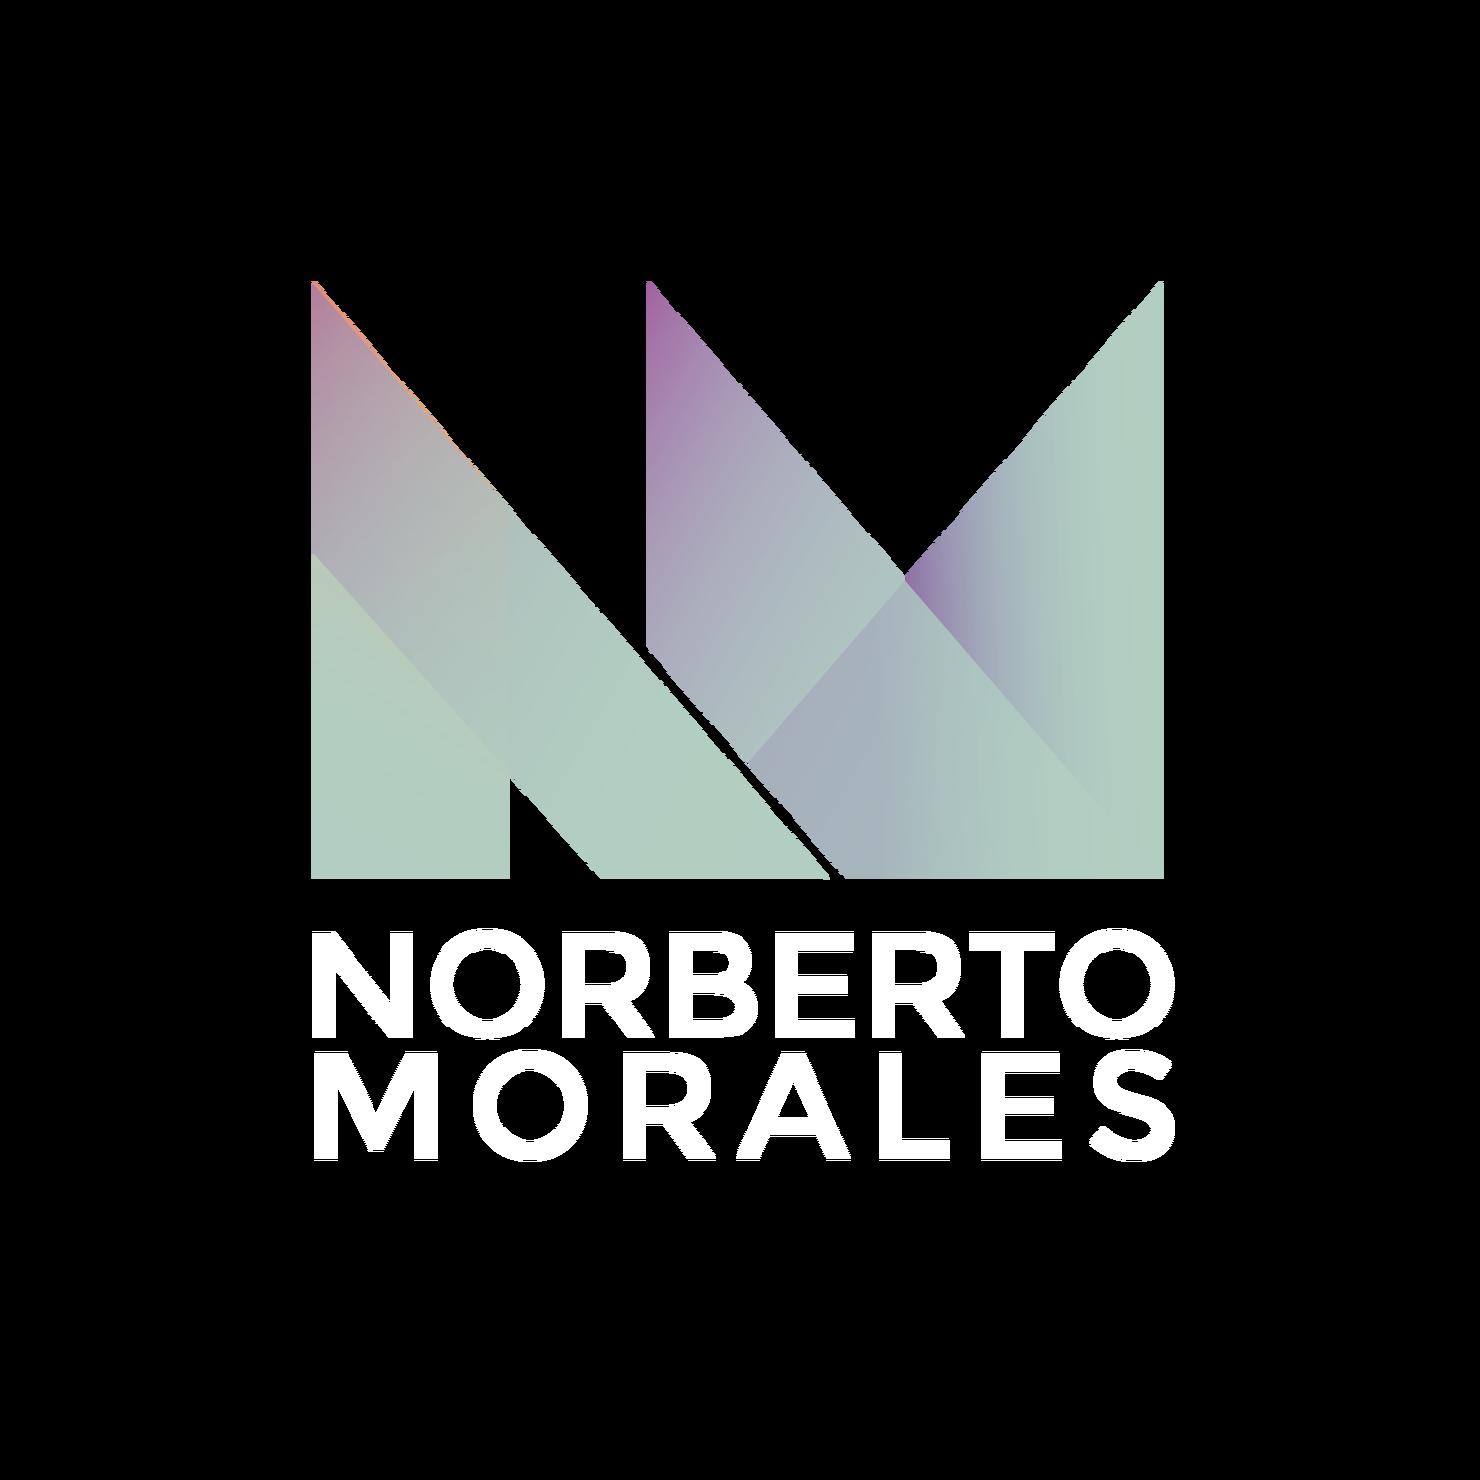 Norberto Morales es miembro de AJE Las Palmas